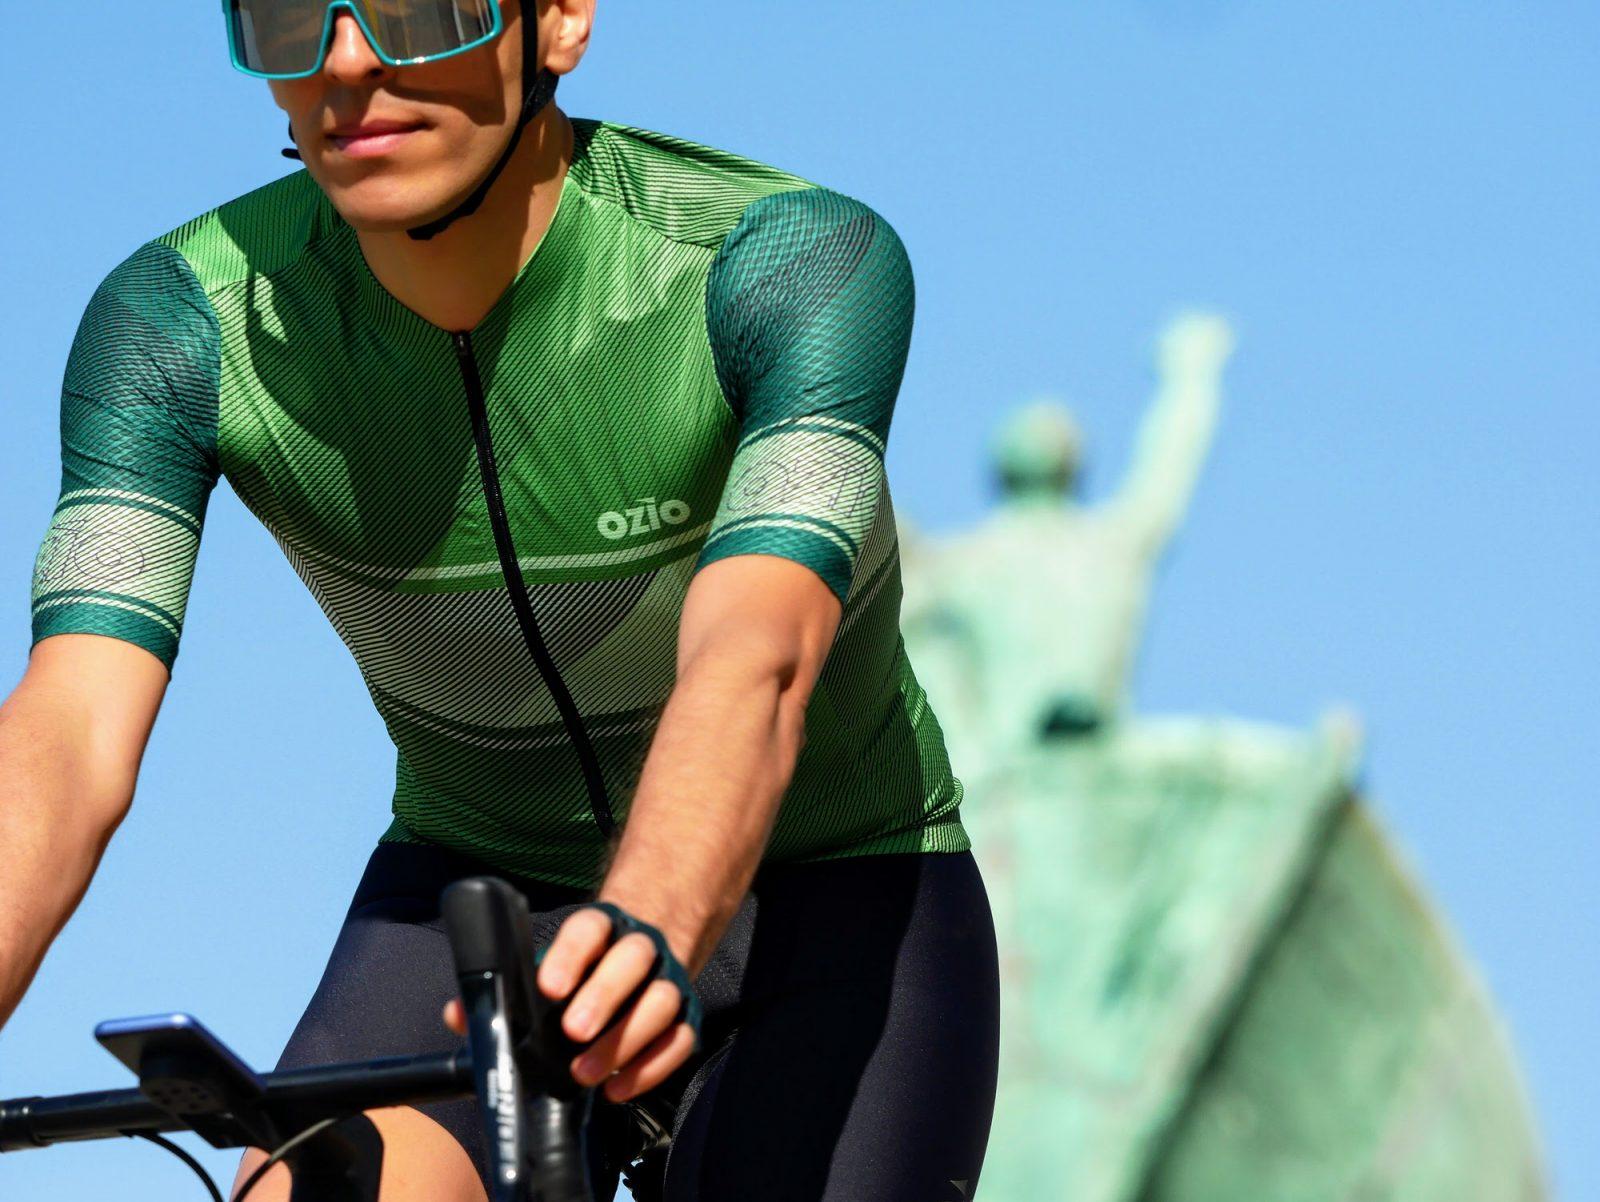 Maillot de vélo été homme vert OZIO